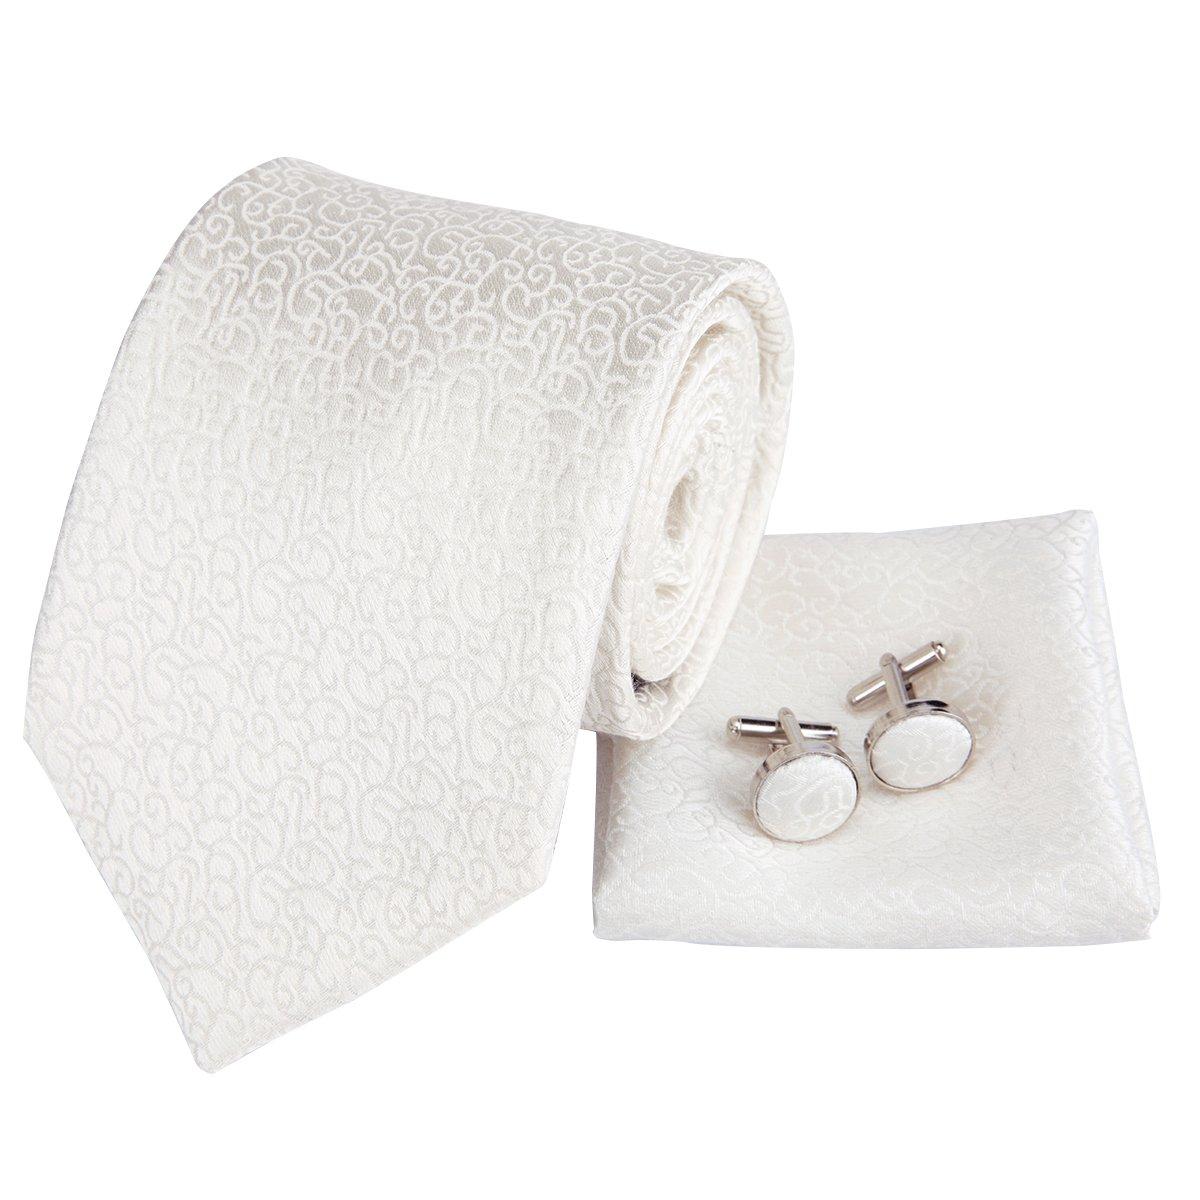 Dubulle Mens Silk Tie Set Necktie Handkerchief Cufflinks Wedding Tie